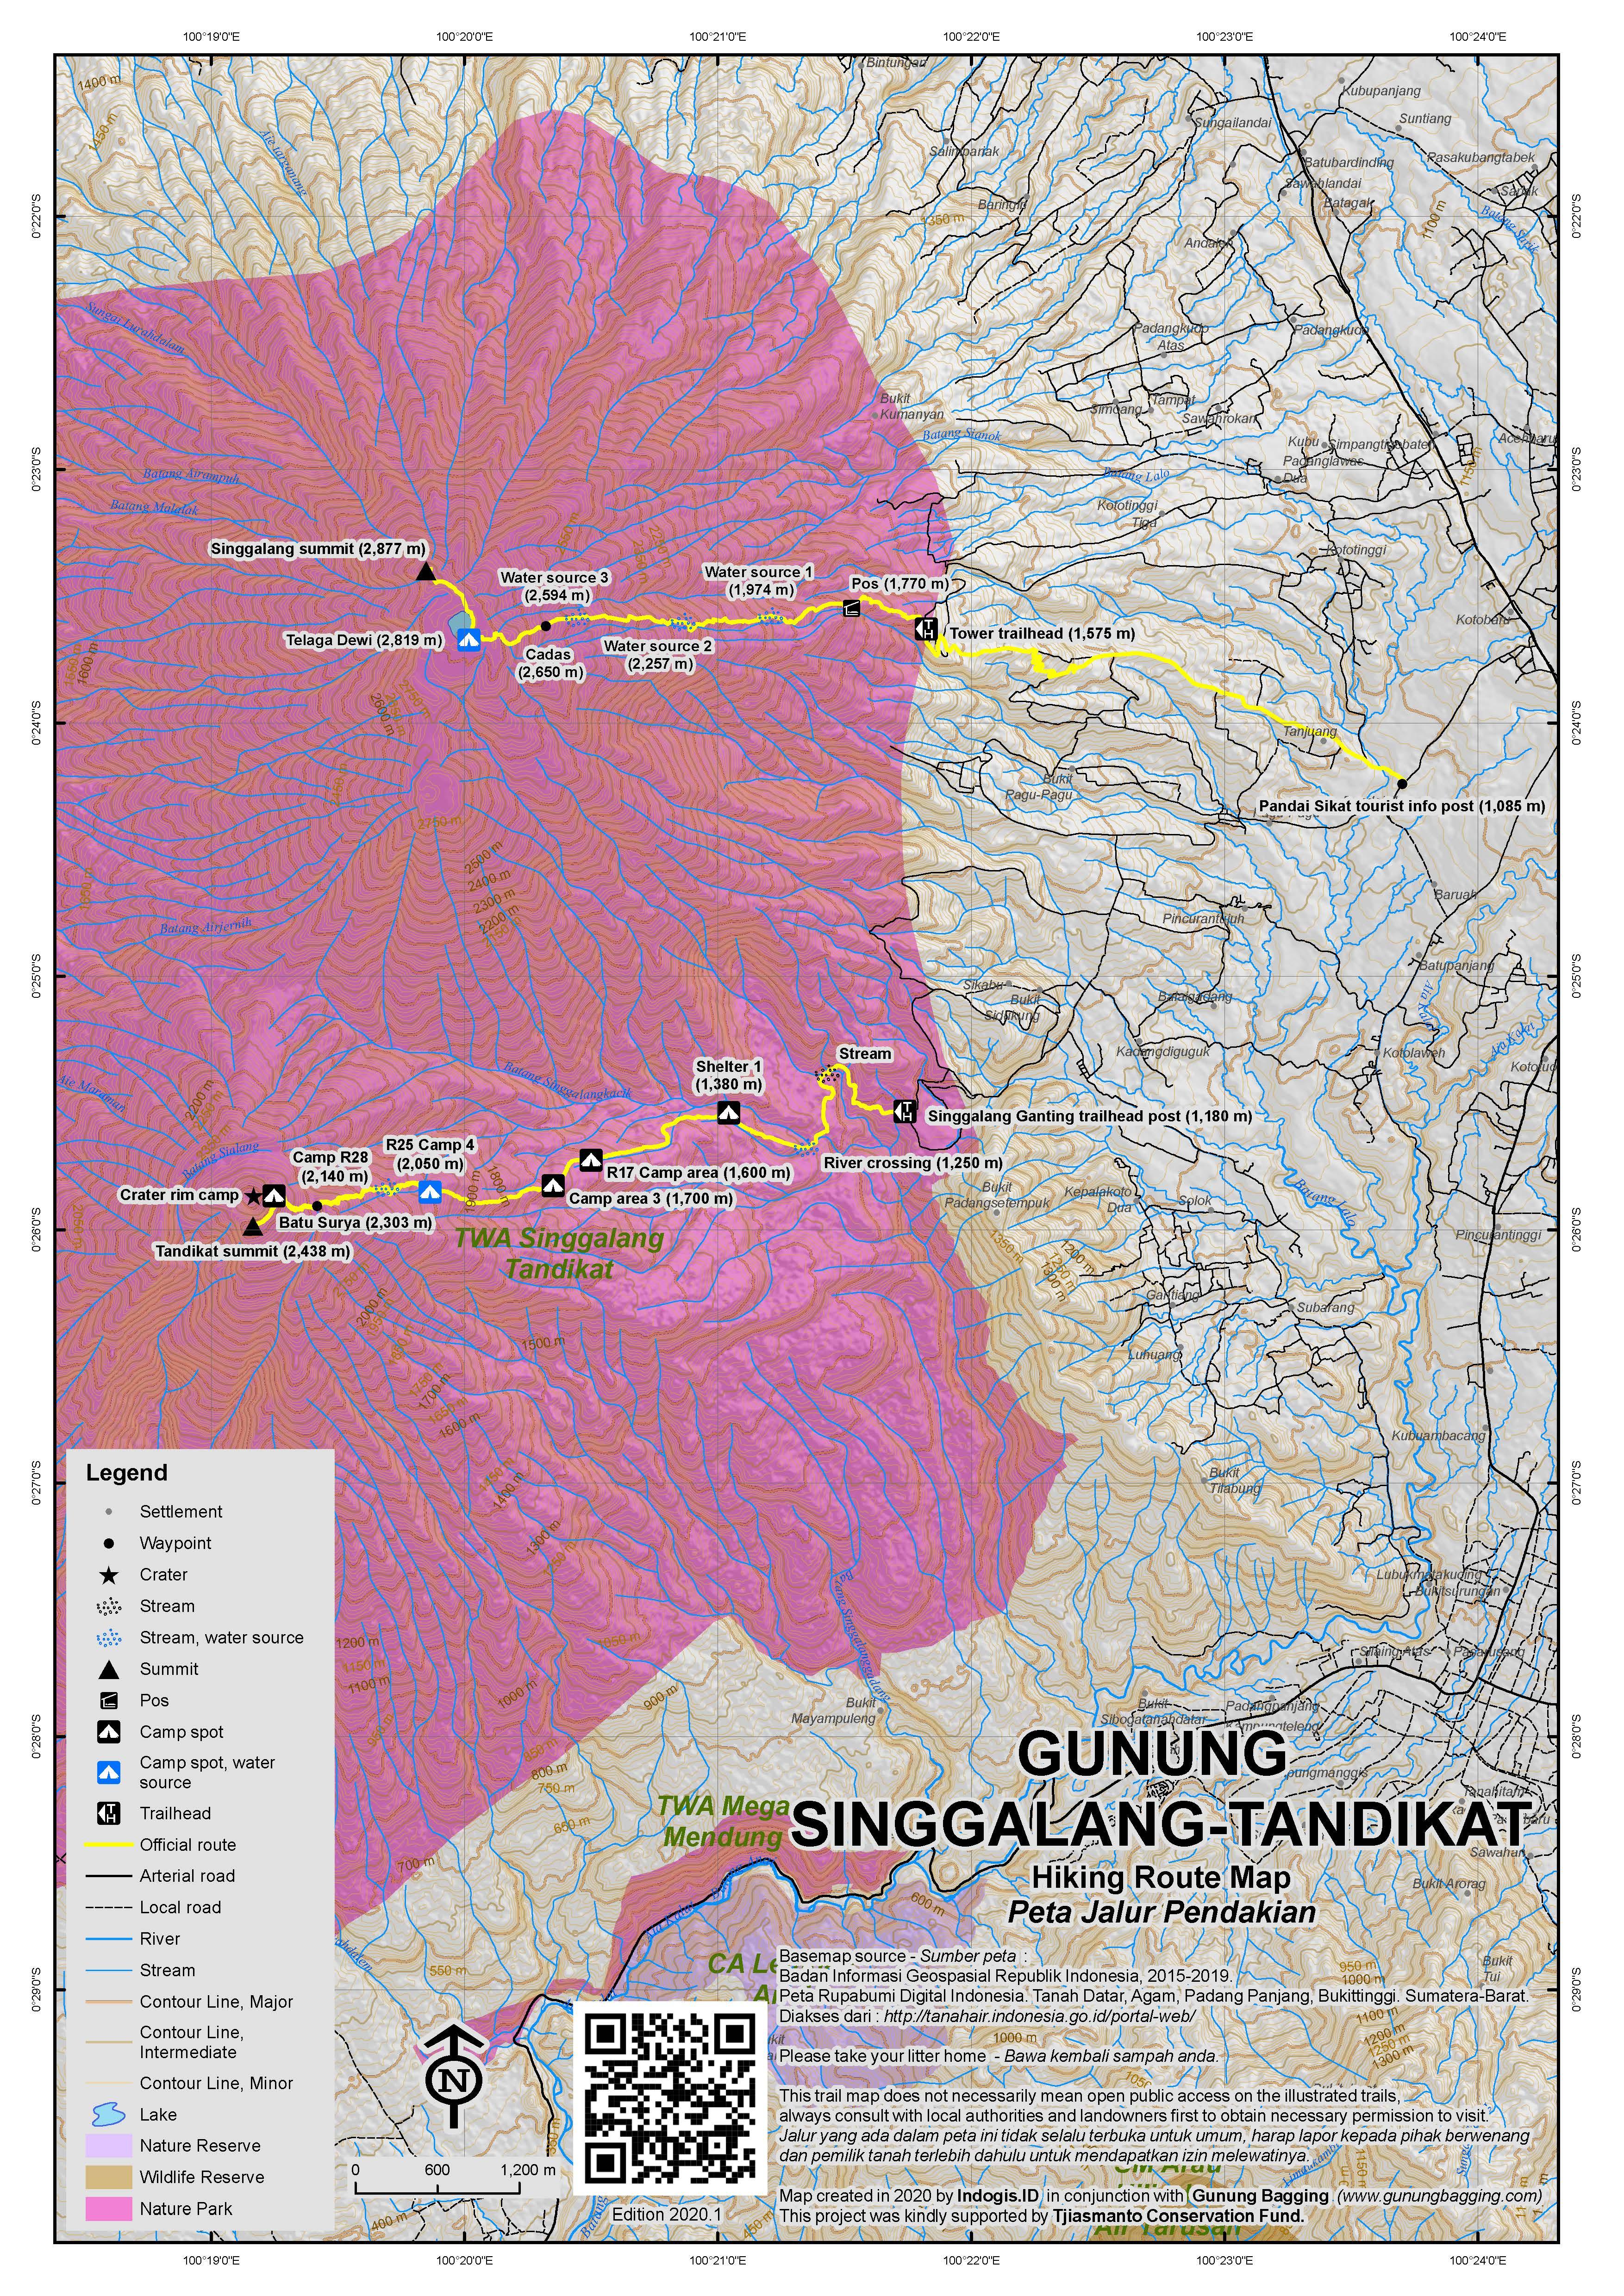 Peta Jalur Pendakian Gunung Singgalang-Tandikat